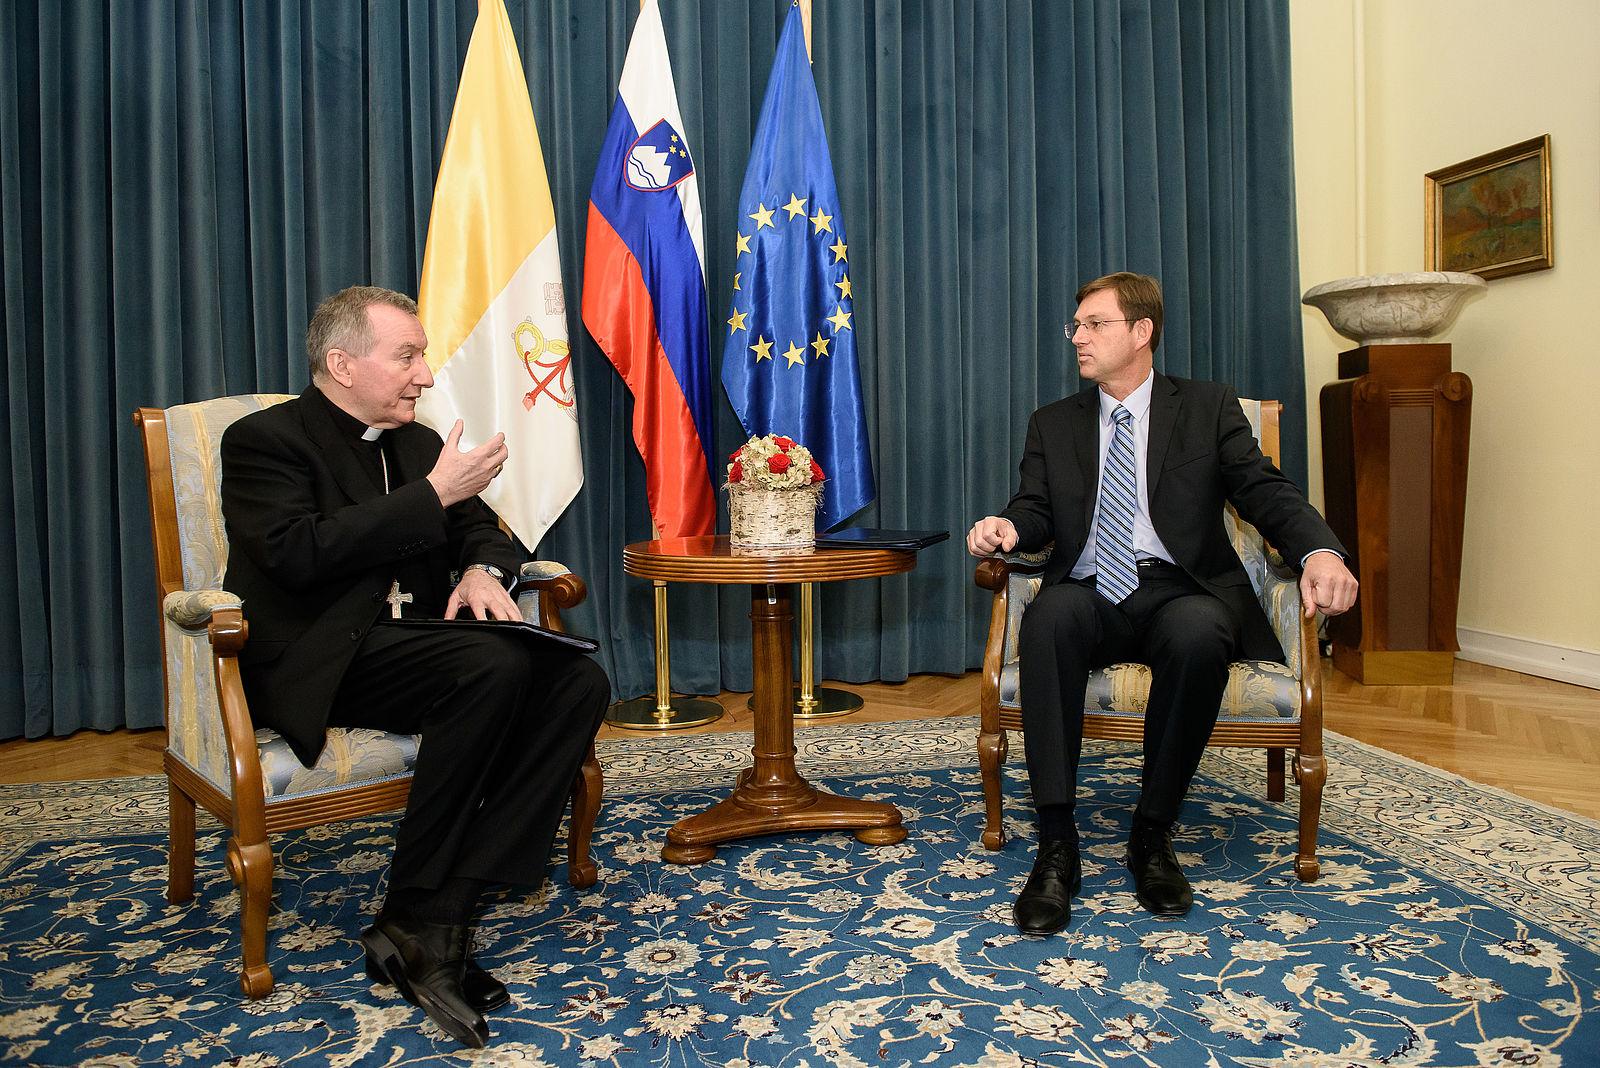 Državni tajnik Svetega sedeža kardinal Pietro Parolin na delovnem obisku pri takratnem predsedniku Vlade RS dr. Miru Cerarju (foto: vlada.si)